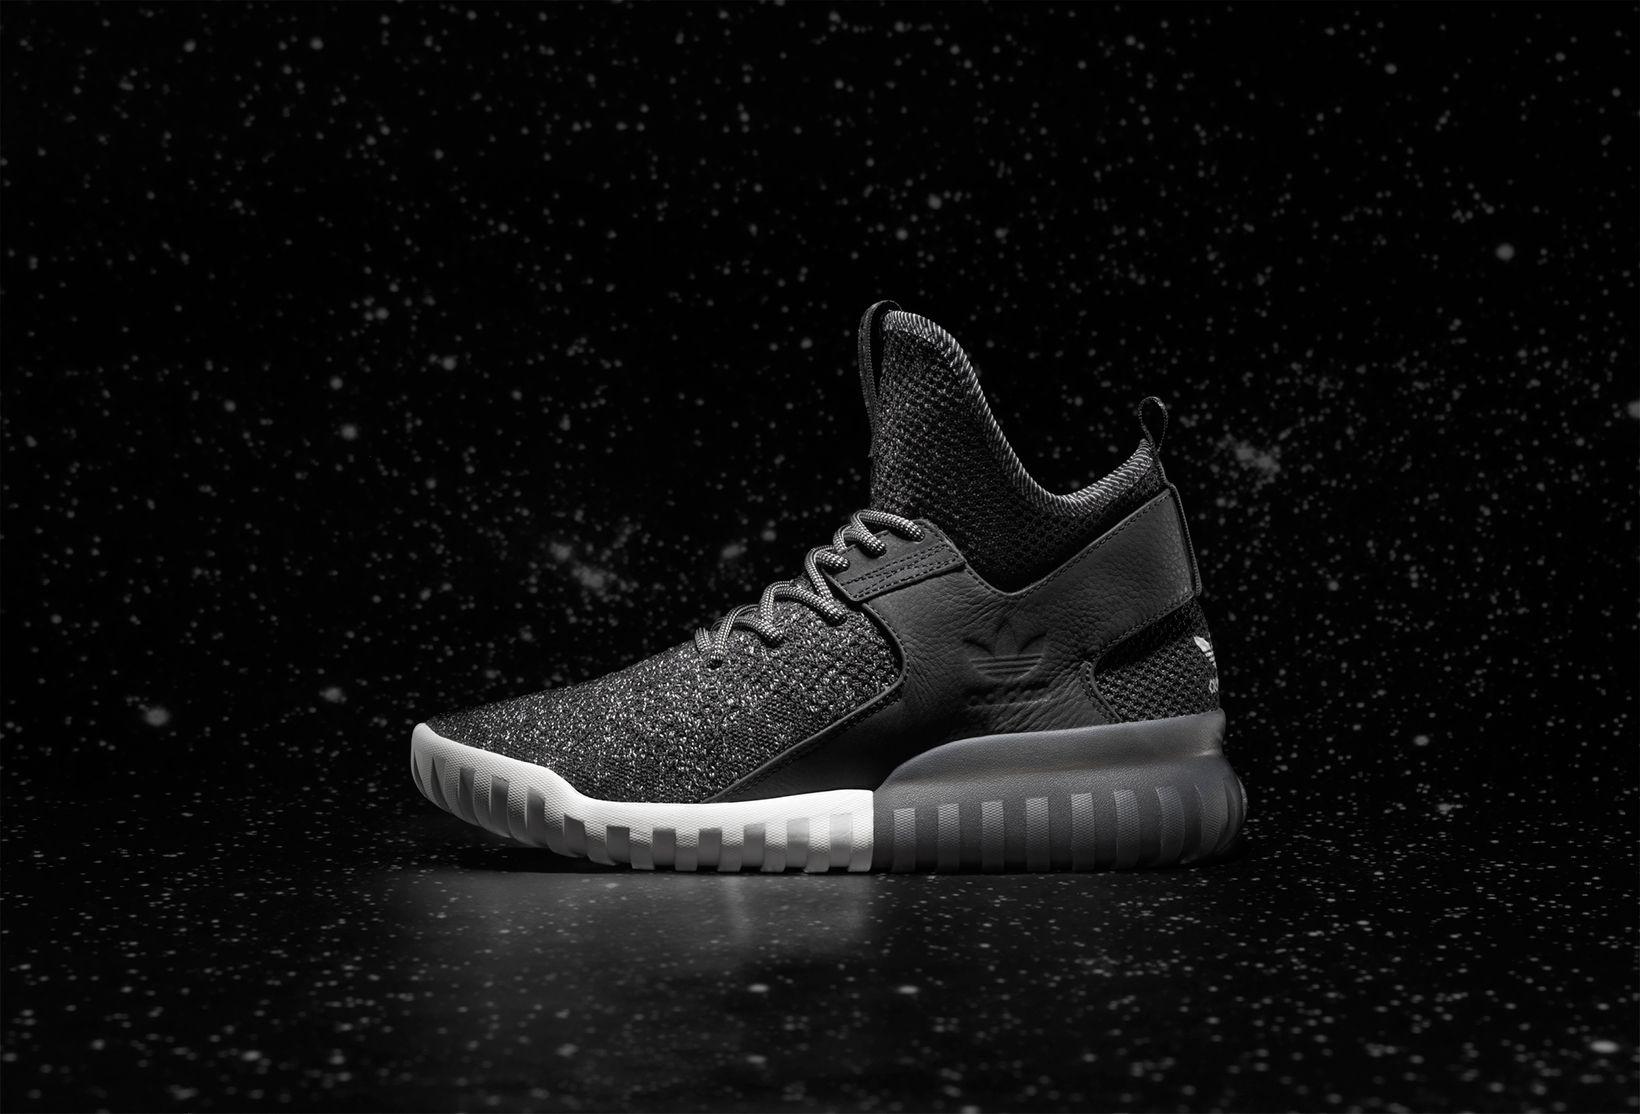 Adidas Originals Tubular the X Primeknit 'Glow in the Tubular Dark' Negro 65c439